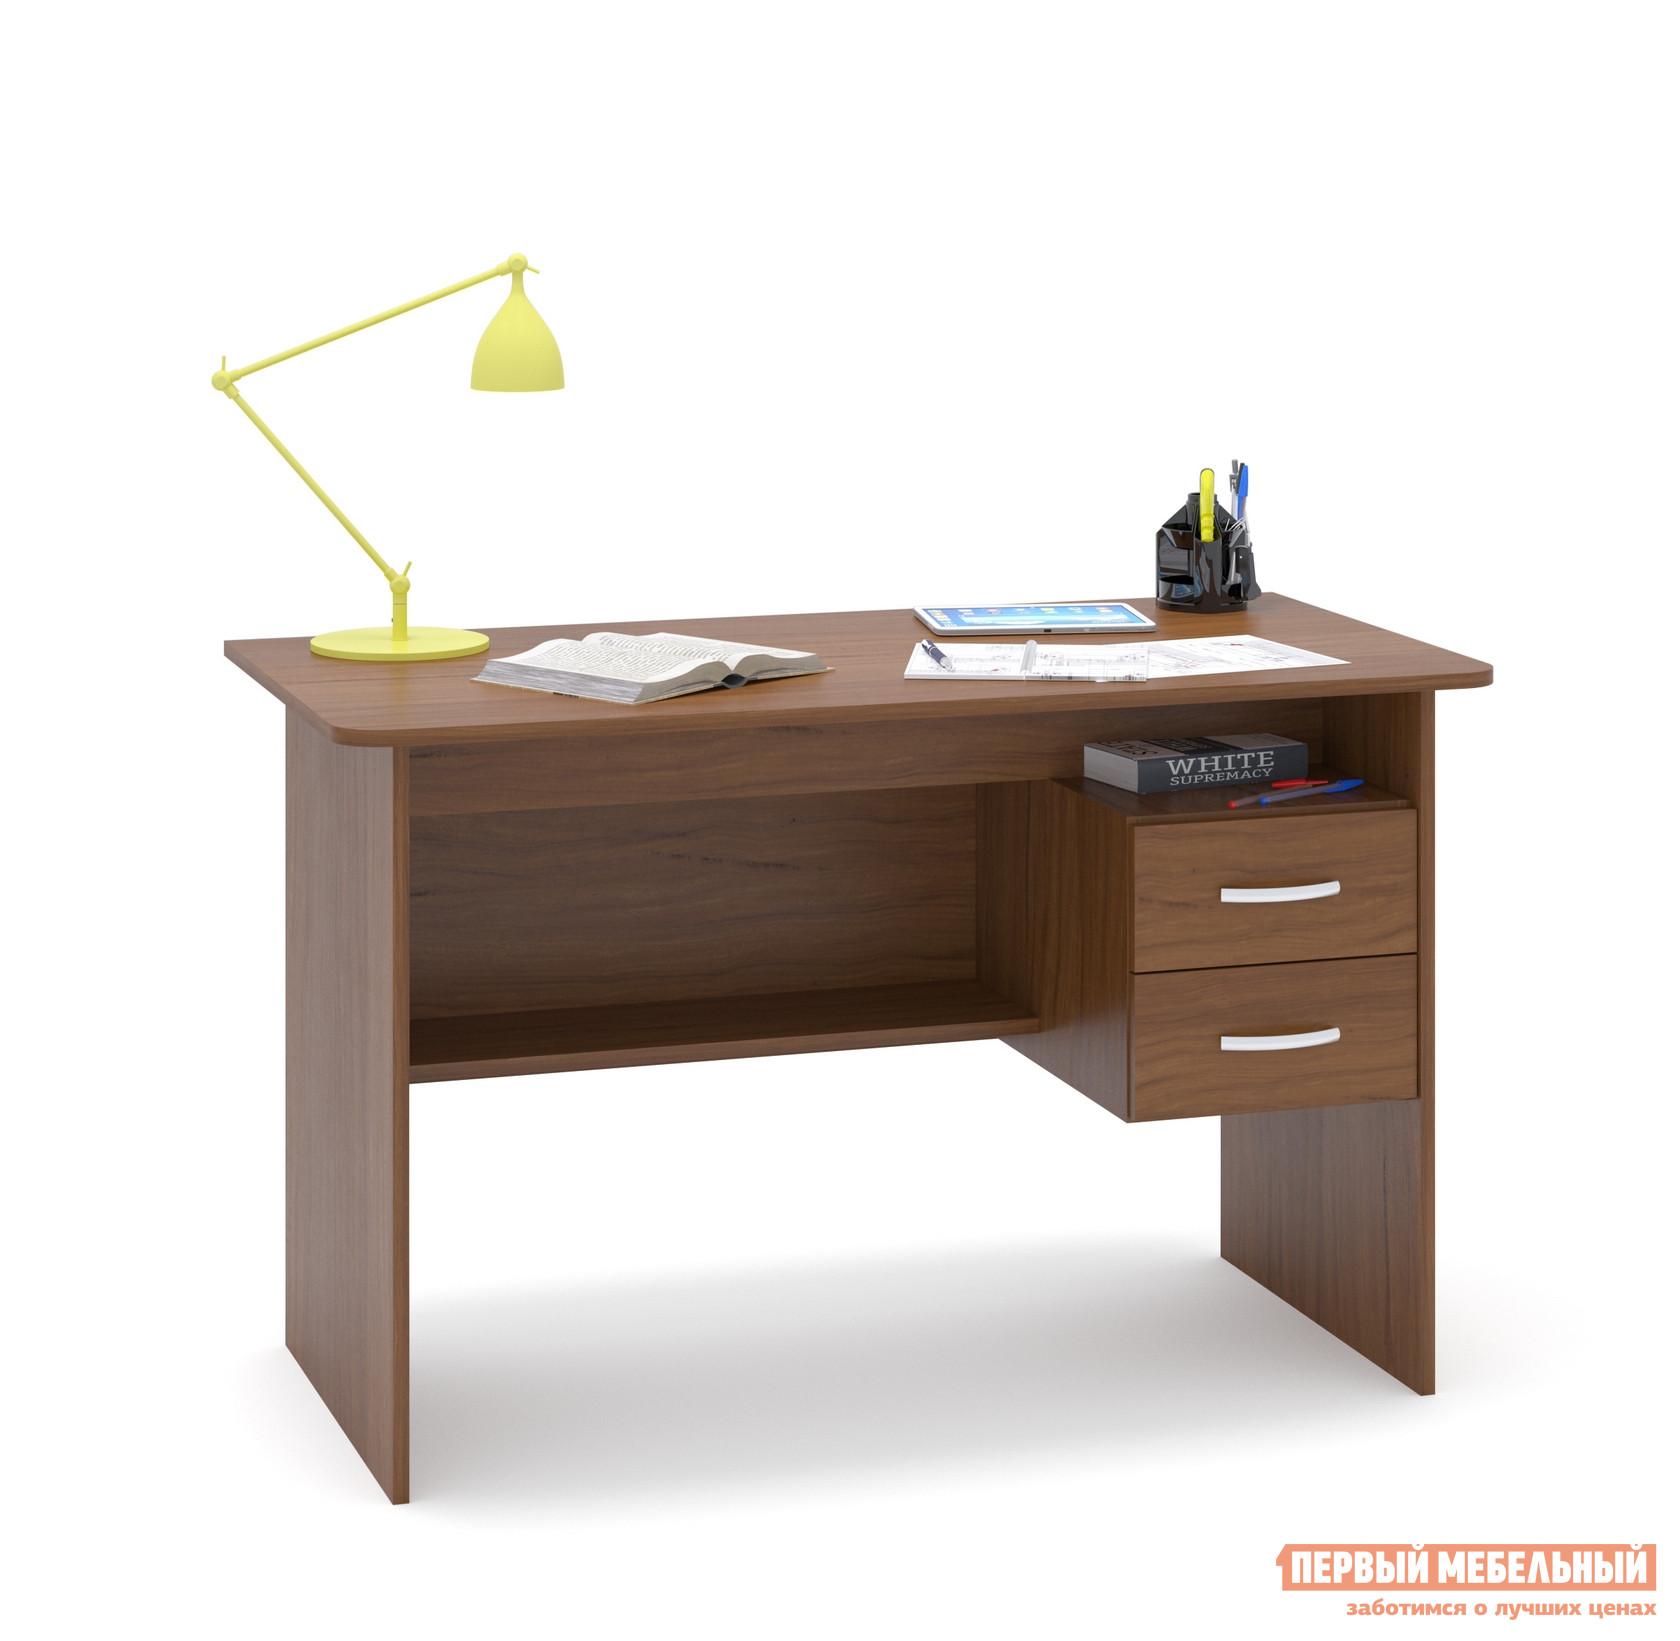 Письменный стол Сокол СПМ-07.1 Ноче-эккоПисьменные столы<br>Габаритные размеры ВхШхГ 740x1200x600 мм. Большой письменный стол со встроенной тумбой.  Внизу задней стенки также находится небольшая полочка.  Встроенная тумбы состоит из двух ящиков с открытой нишей сверху.  За таким столом удобно будет себя чувствовать и школьник и студент.  Стол также можно использовать как компьютерный. Внутренний размер ящиков — 211 х 354 мм. Высота от пола до ящиков составляет 290 мм, высота от пола до полки под столом — 310 мм. Высота полочки над ящиками — 124 мм. Стол универсален при сборке, тумбу можно расположить с любой стороны. Столешница изготовлена из ЛДСП отечественного производства толщиной 16 мм, отделана кромкой ПВХ 2 мм.  Рекомендуем сохранить инструкцию по сборке (паспорт изделия) до истечения гарантийного срока.<br><br>Цвет: Ноче-экко<br>Цвет: Коричневое дерево<br>Высота мм: 740<br>Ширина мм: 1200<br>Глубина мм: 600<br>Кол-во упаковок: 1<br>Форма поставки: В разобранном виде<br>Срок гарантии: 2 года<br>Тип: Прямые<br>Материал: Деревянные, из ЛДСП<br>Размер: Большие, Шириной 120 см<br>Особенности: С ящиками, Без надстройки, С тумбой<br>Стиль: Современный, Модерн